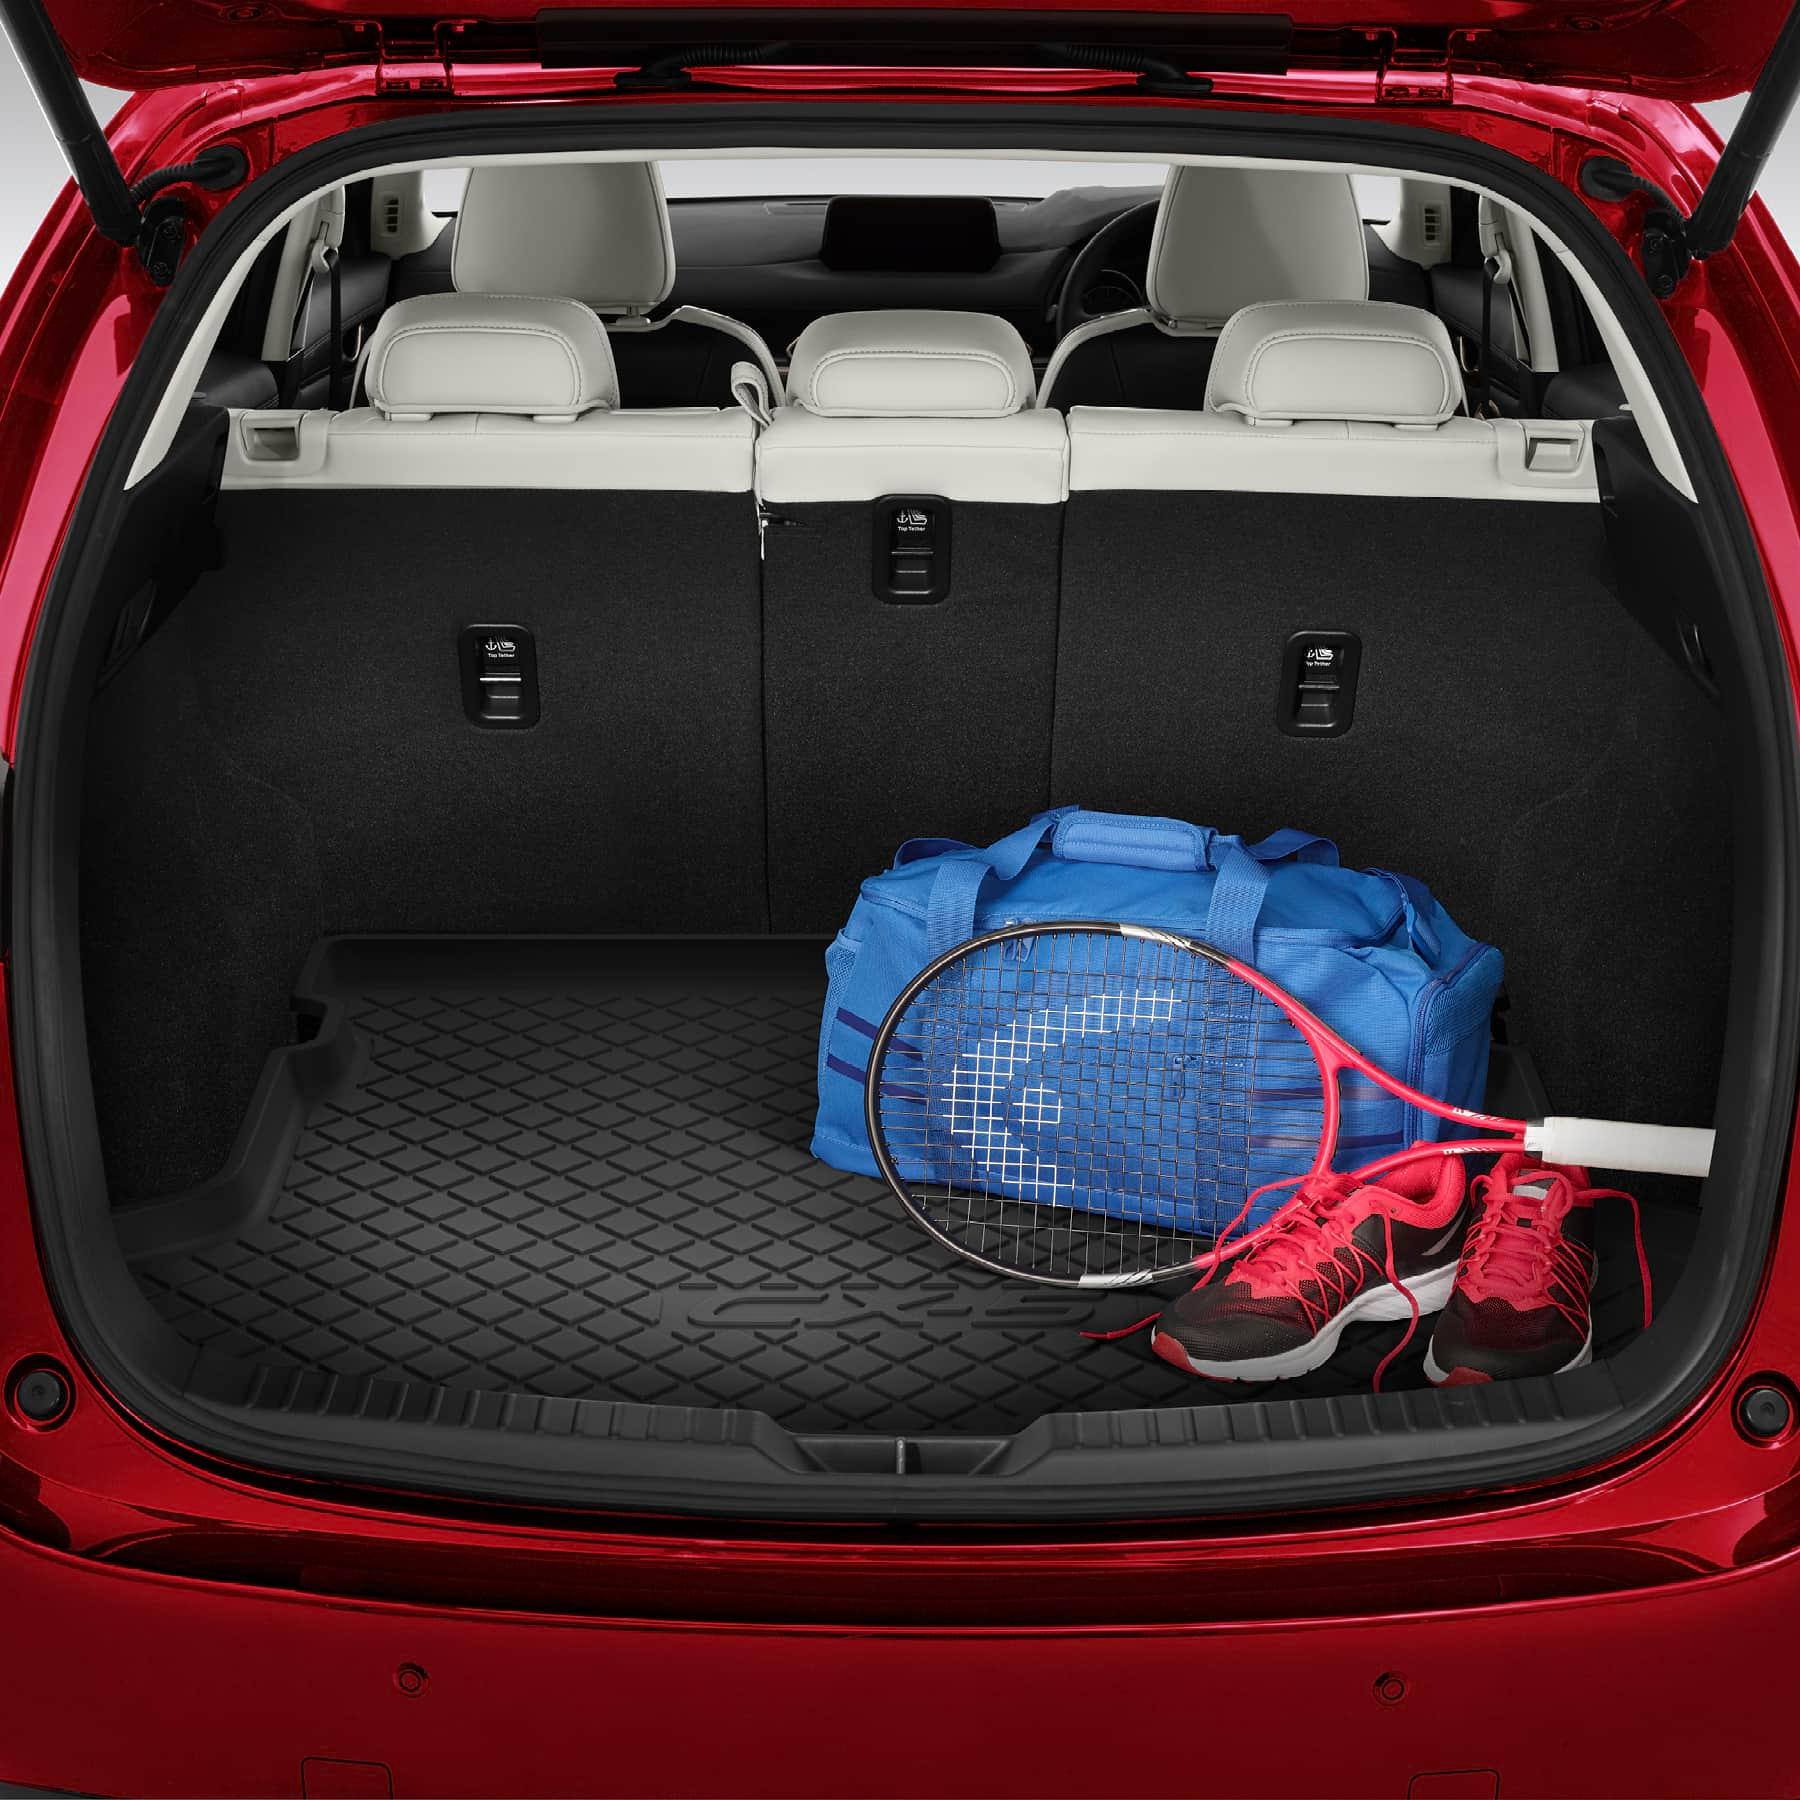 Mazda Accessories Personalise Your Mazda Cx 5